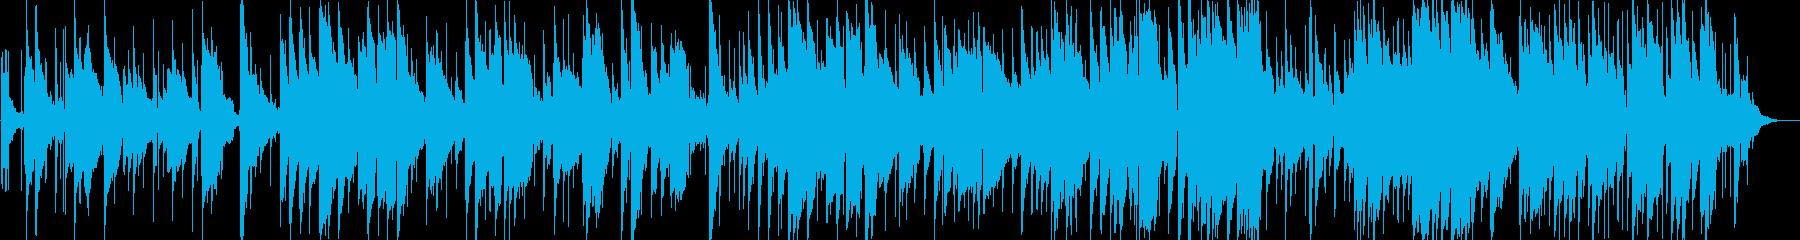 哀しげなギターサウンドの再生済みの波形